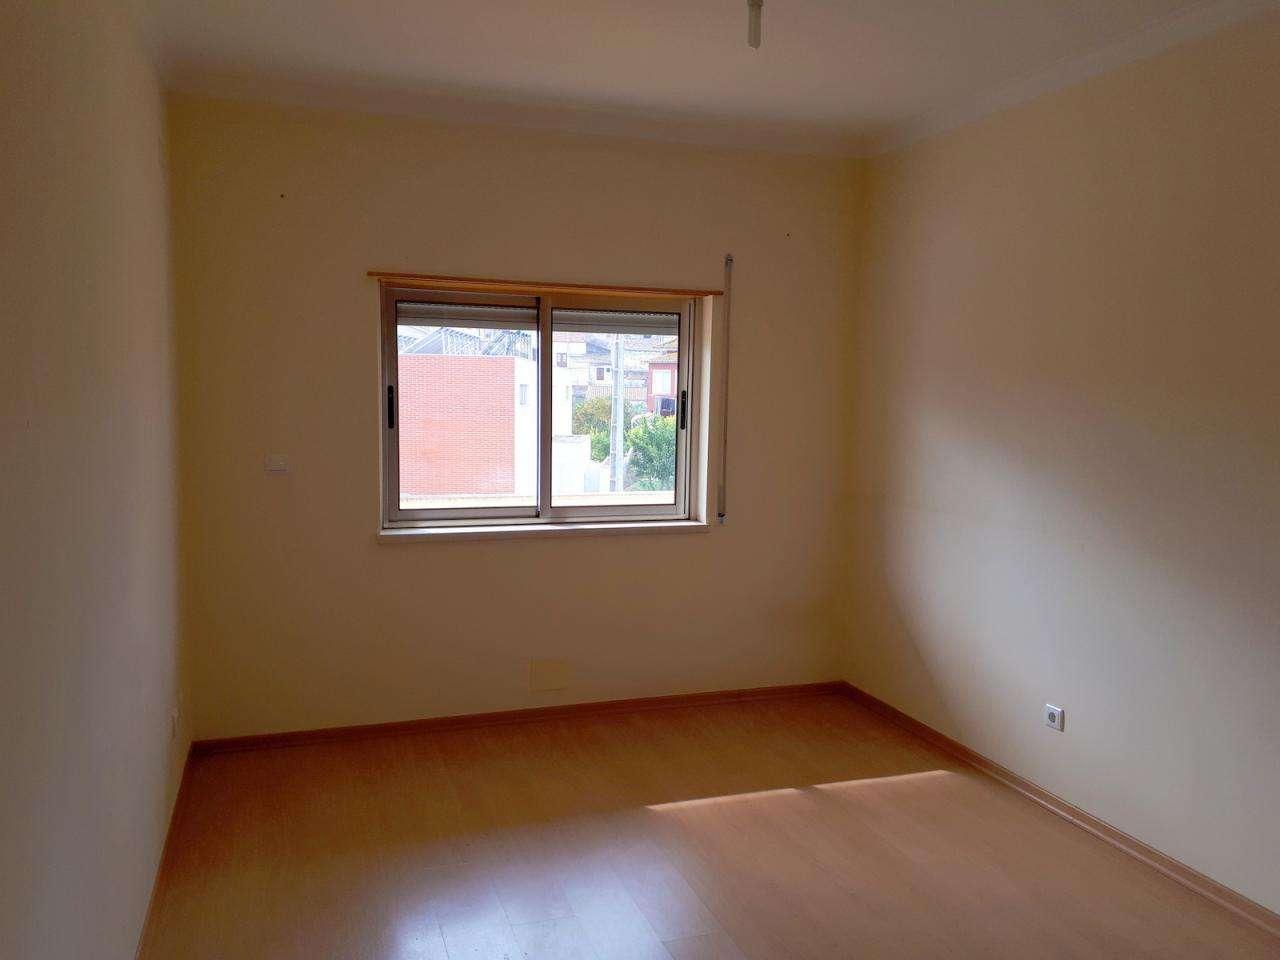 Apartamento para comprar, Sapataria, Lisboa - Foto 11